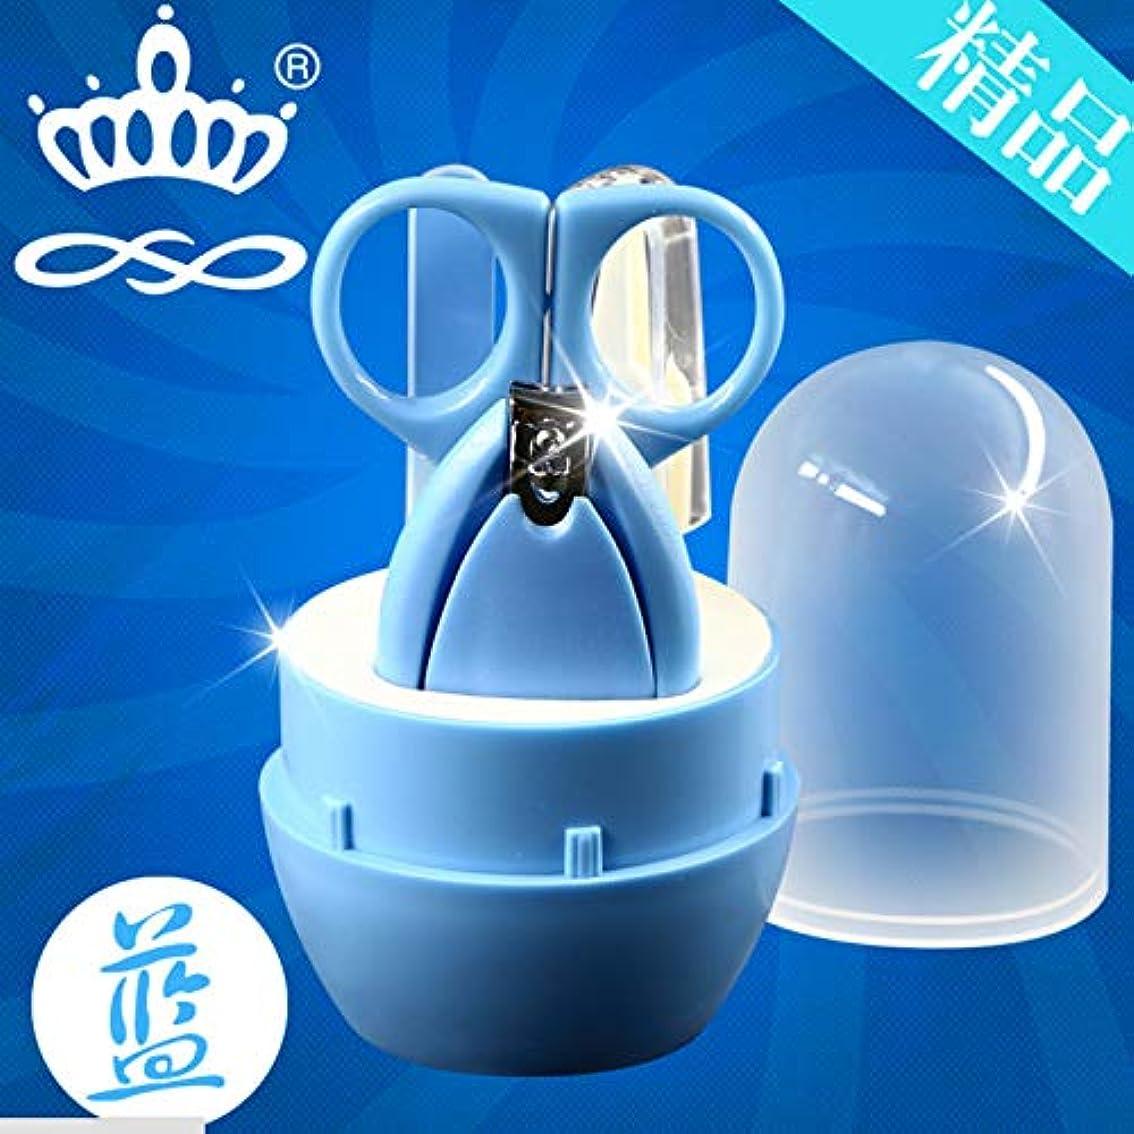 主張も組み合わせるミニブティックネイルクリッパーセット4ピースネイルクリッパー広告ギフトマニキュアナイフ用マイクロビジネス卸売